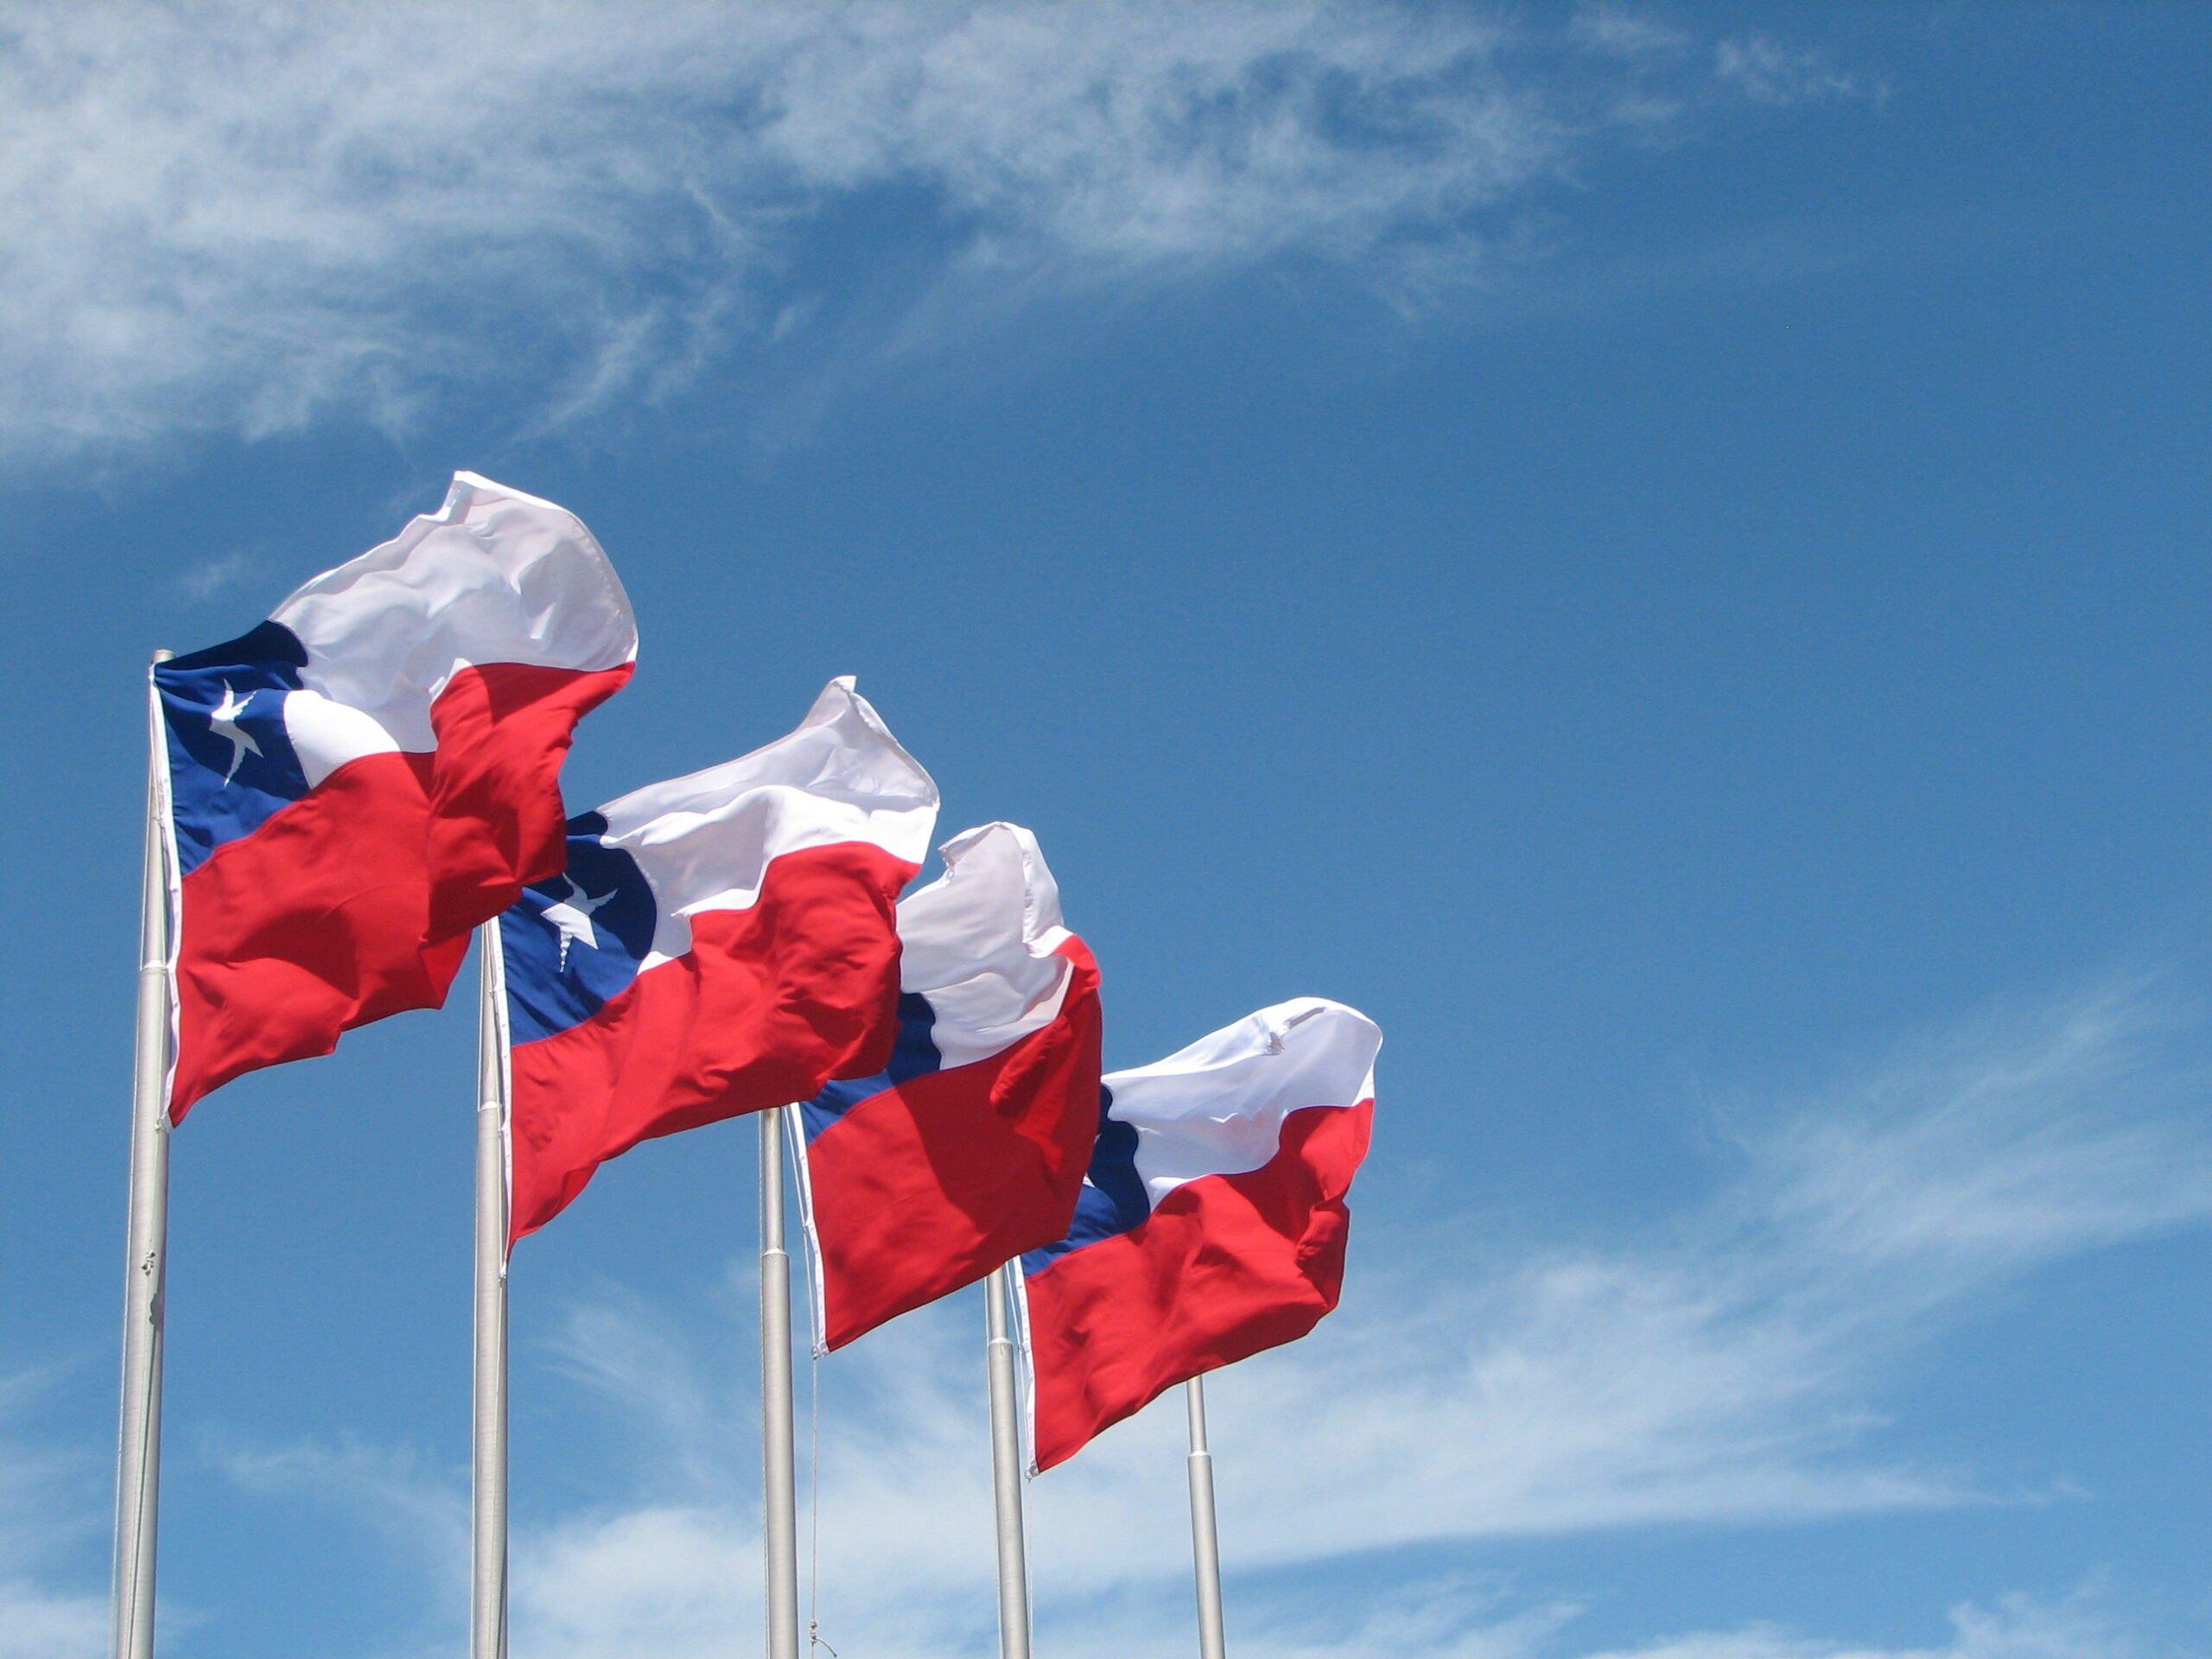 Drapeaux du Chili - Photo par Mark Scott Johnson sous CC BY 2.0